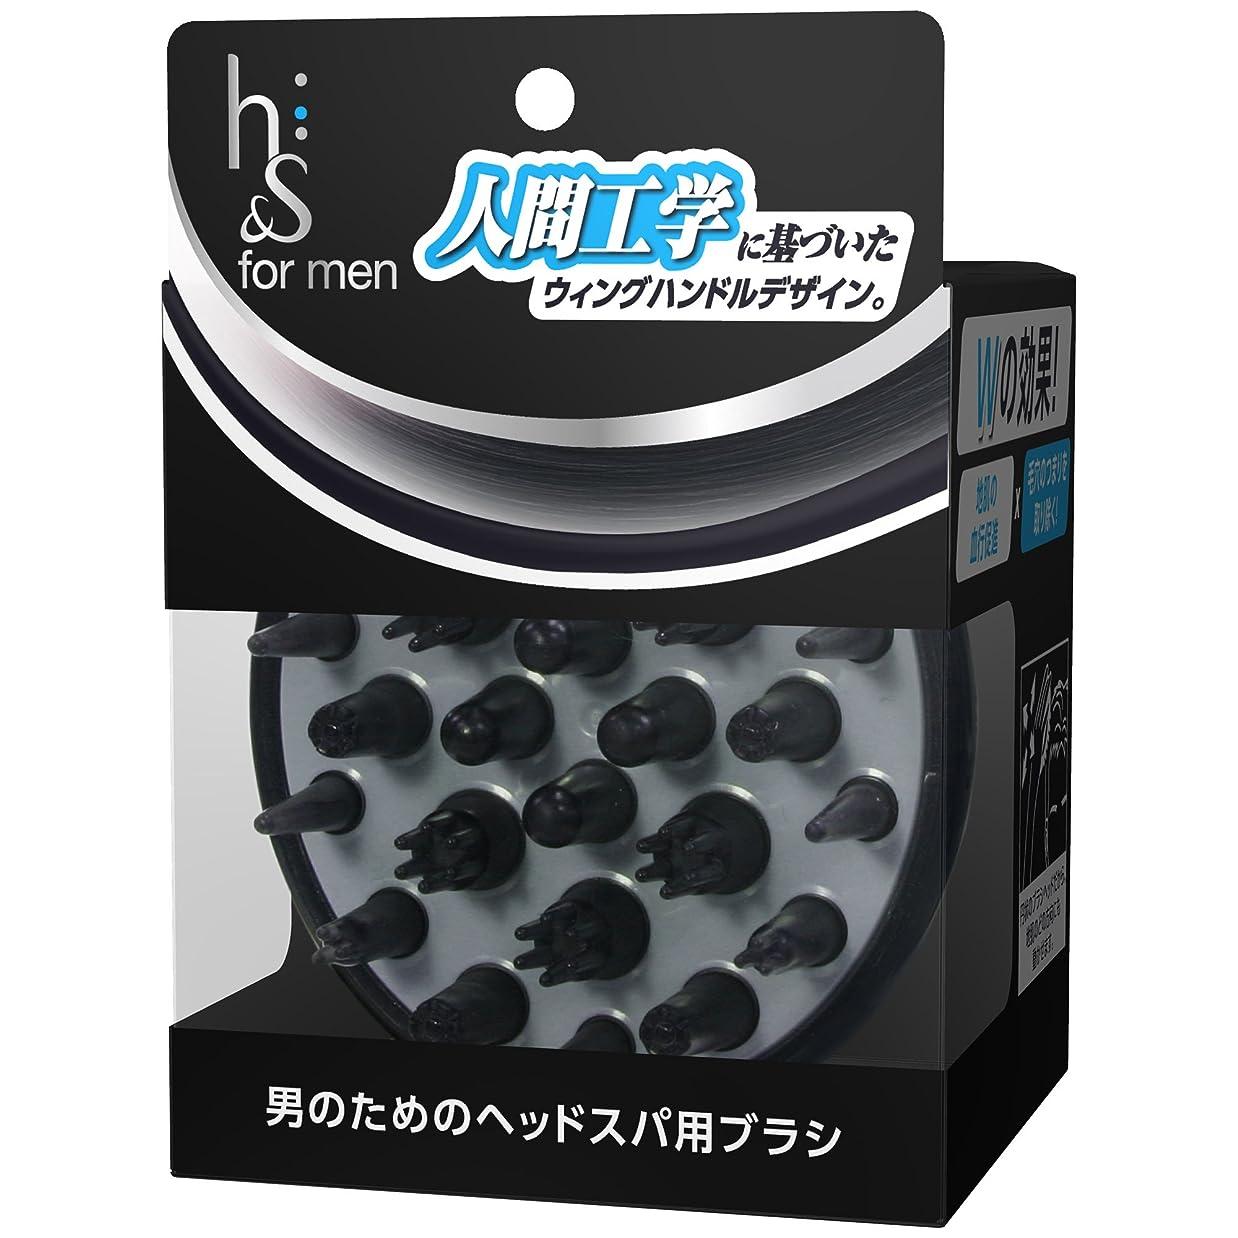 みぞれ考える悲鳴h&s for men 男のためのヘッドスパ用ブラシ